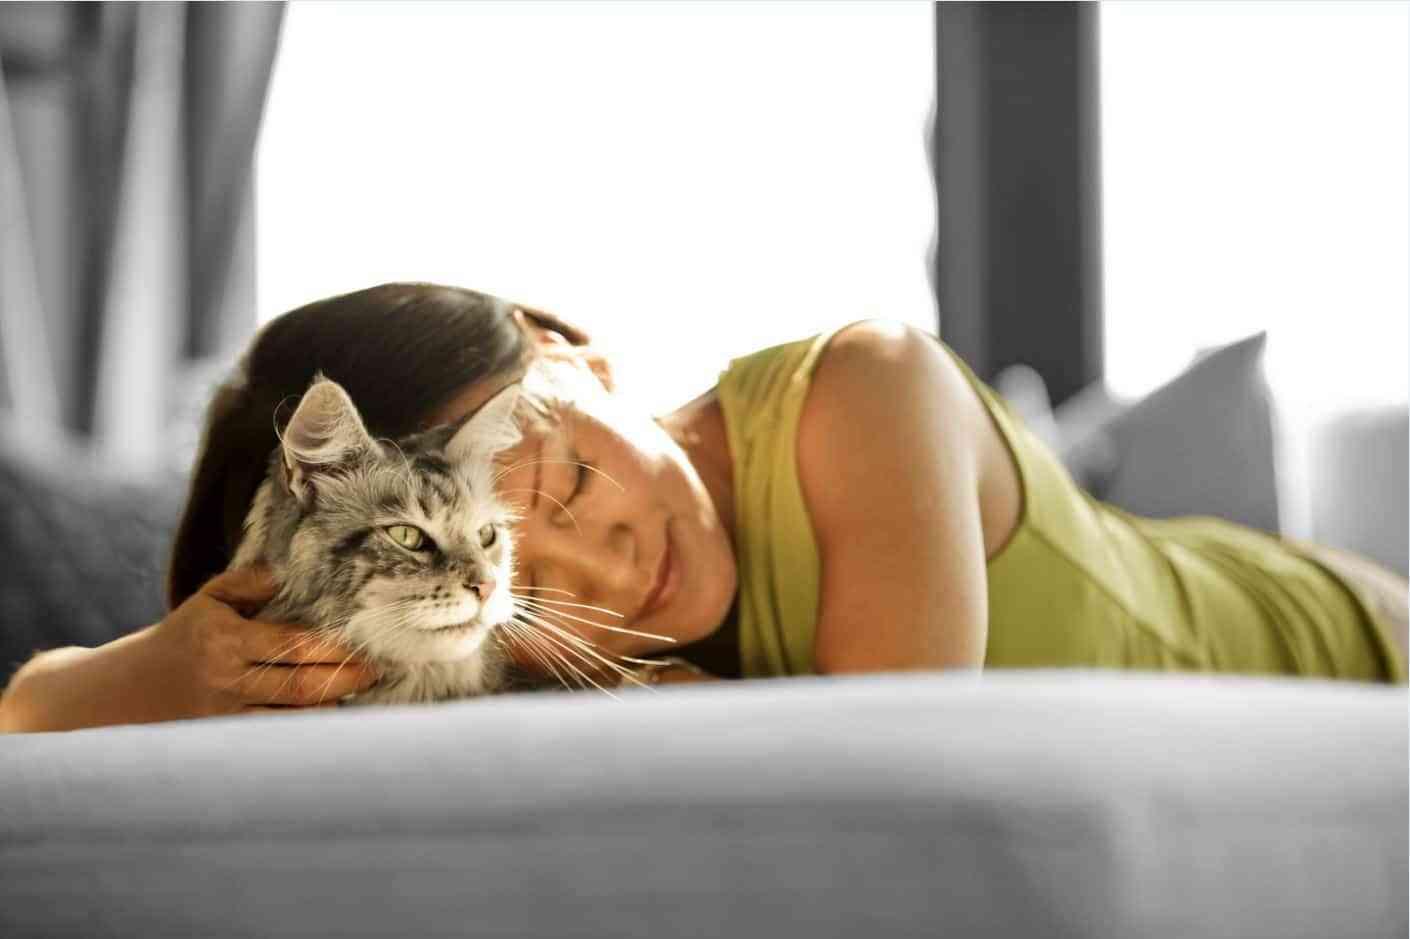 Convivir con animales ayuda a mejorar la salud y el bienestar de las personas